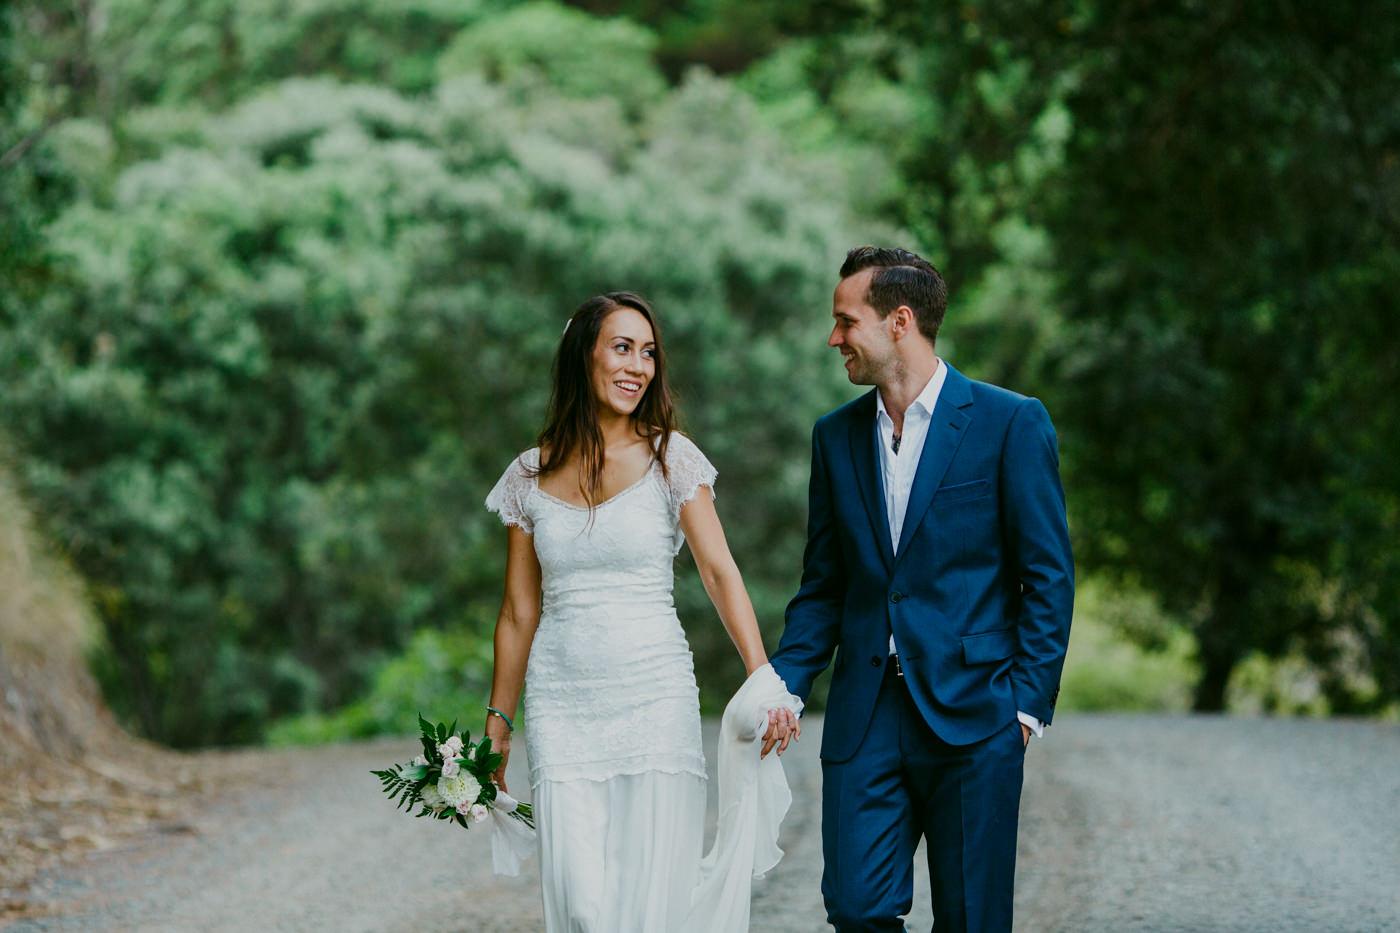 071cz_auckland_leigh_wedding_photos.jpg